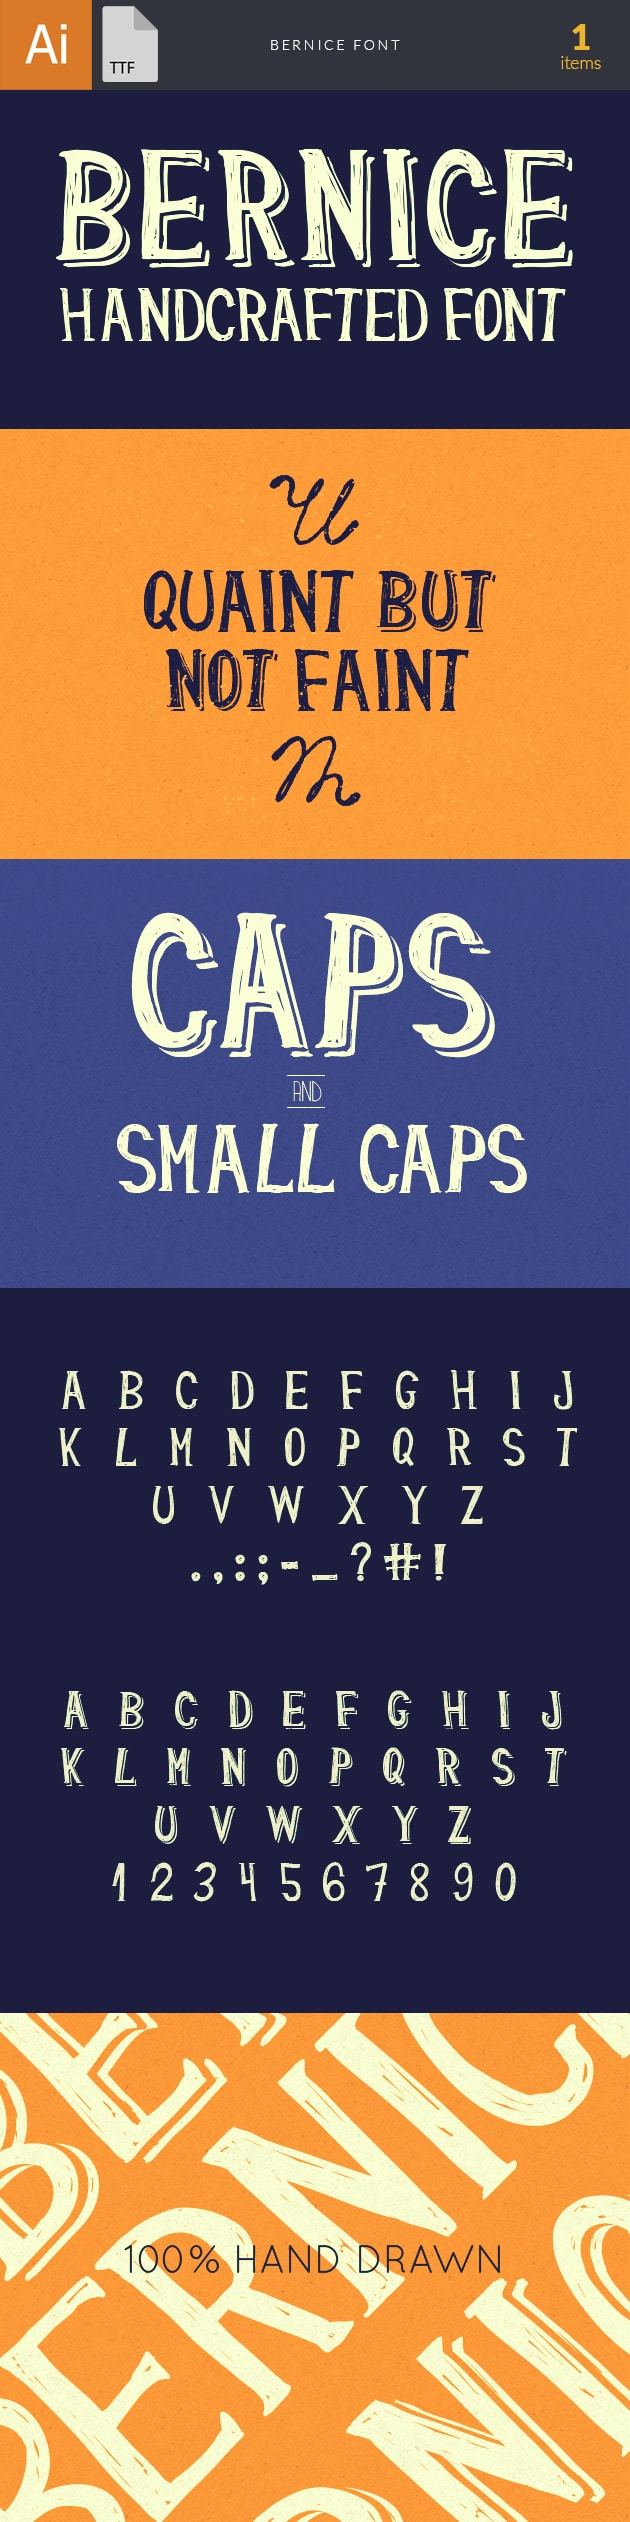 Bernice Font fonts bernice large